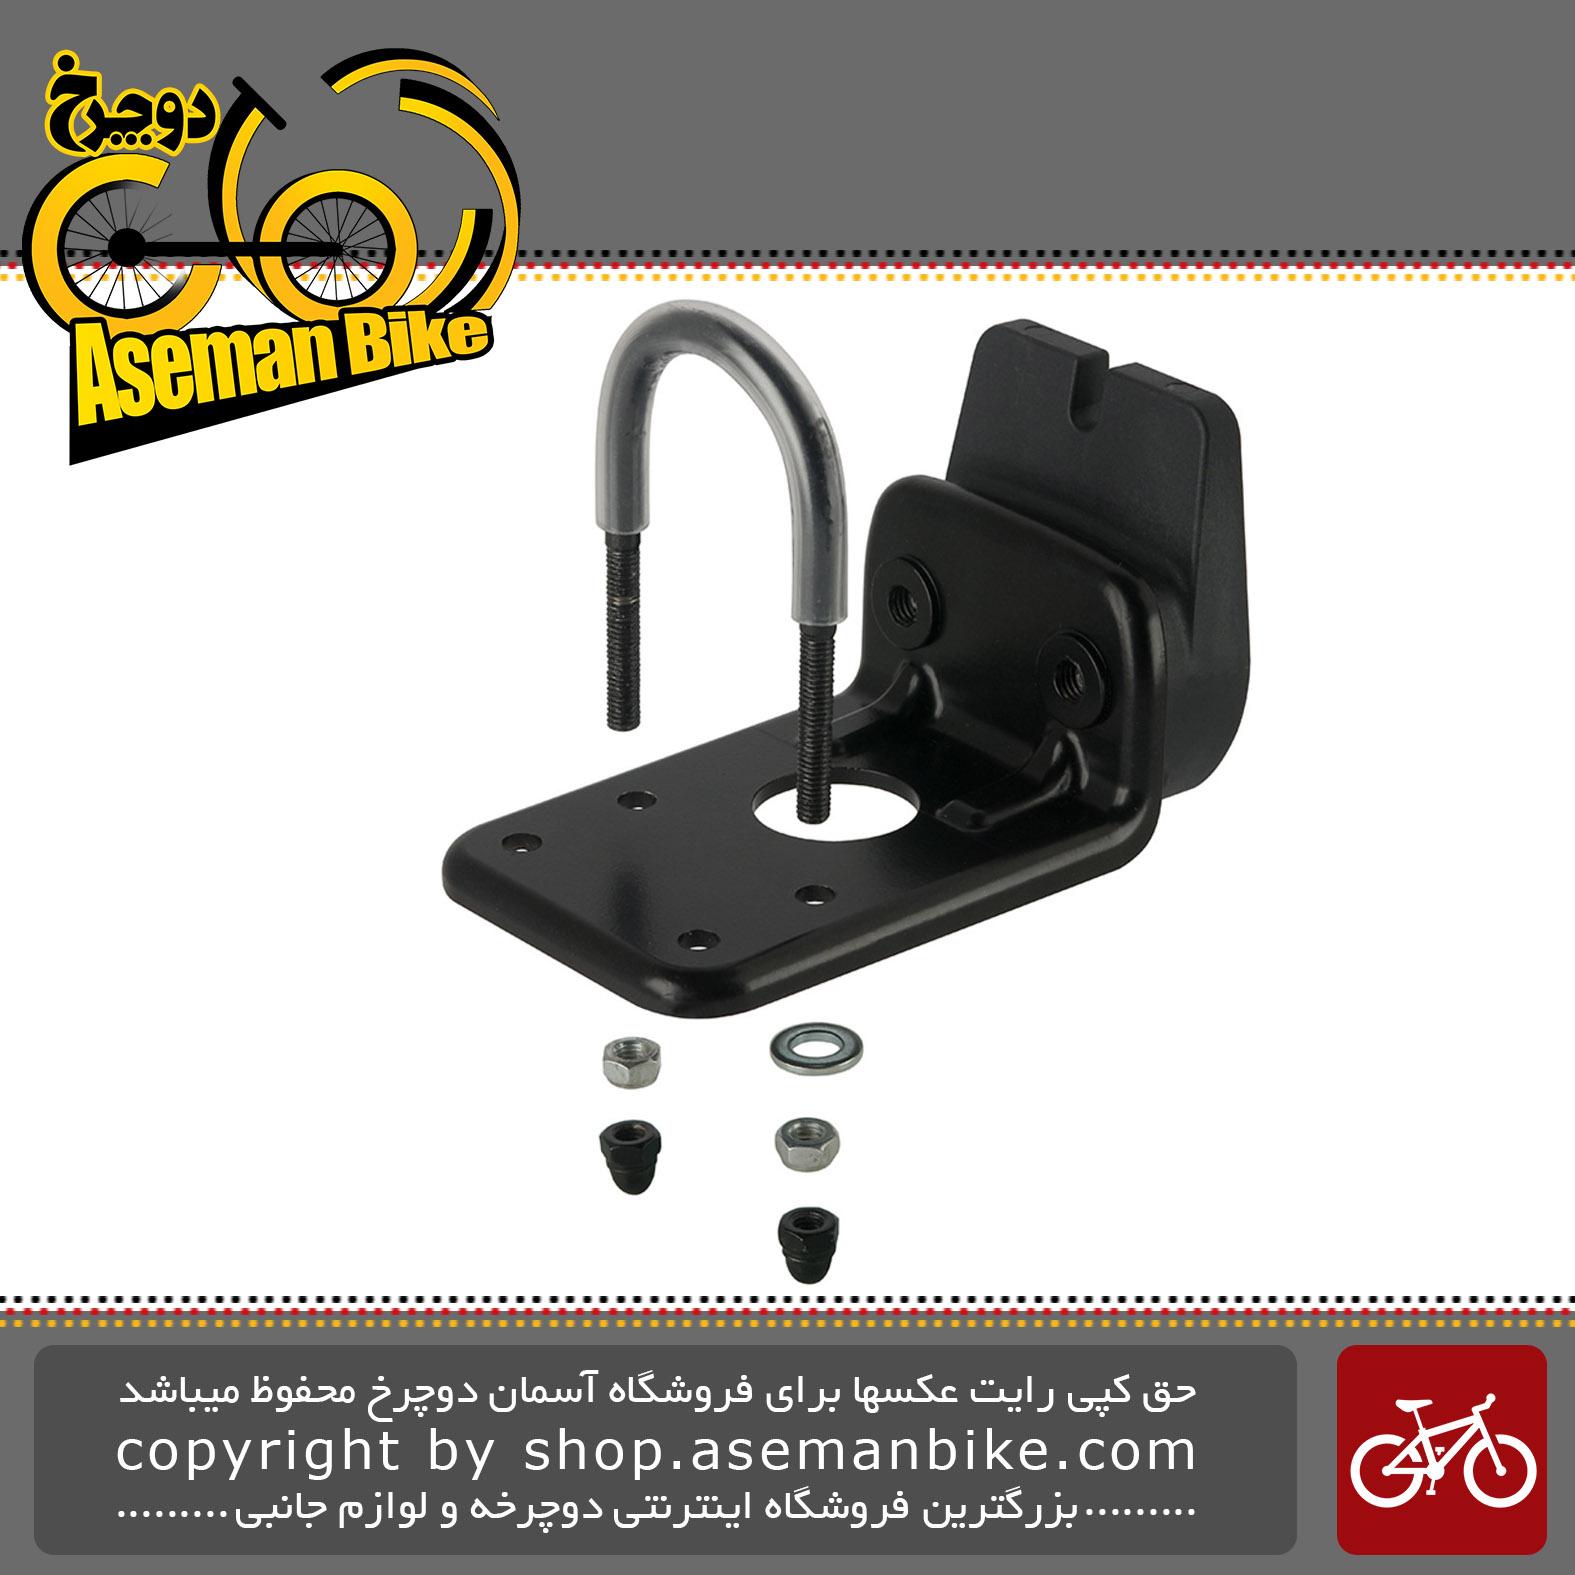 آداپتور نصب صندلی مخصوص نوزاد بر روی فرمان دوچرخه تول مدل یپ مینی آهِد Thule Yepp Mini Ahead